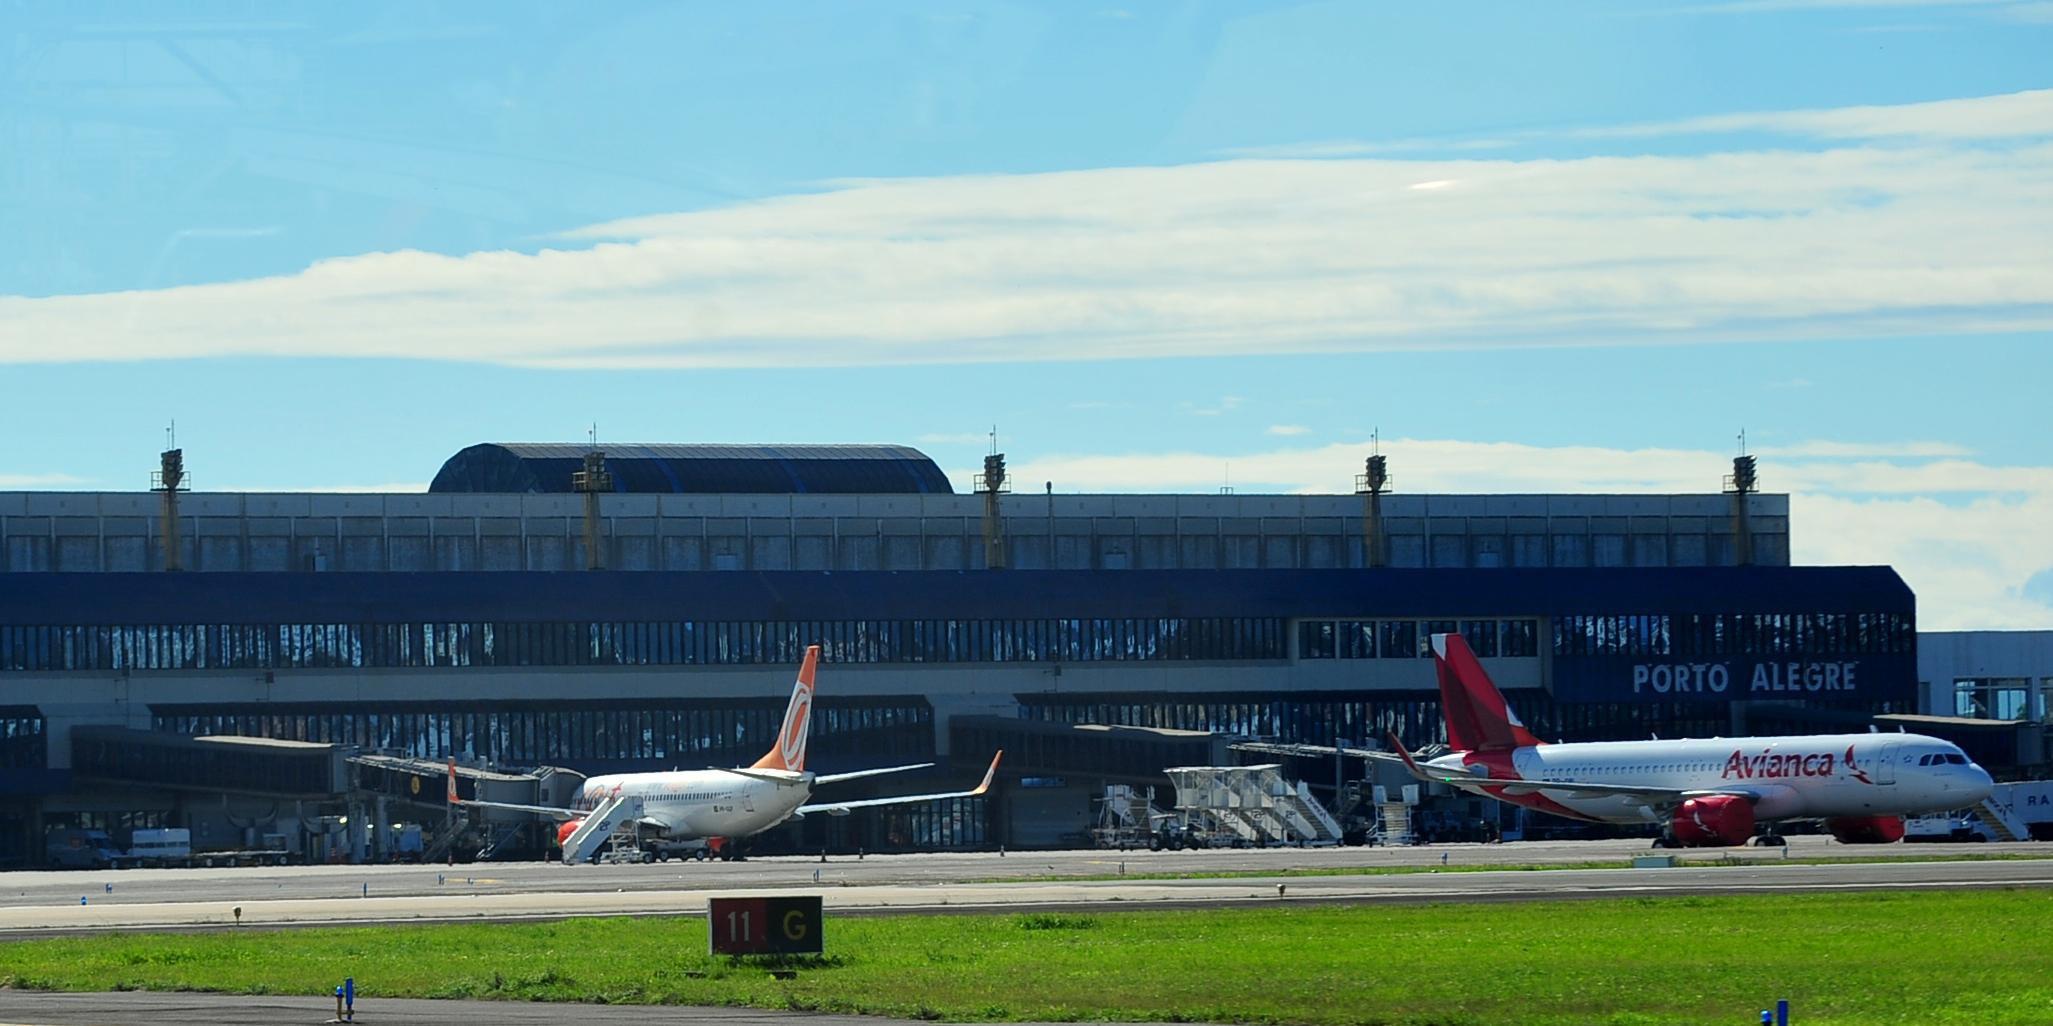 PGE entrou com ação no STF para que pousos e decolagens de voos internacionais seja liberados no RS